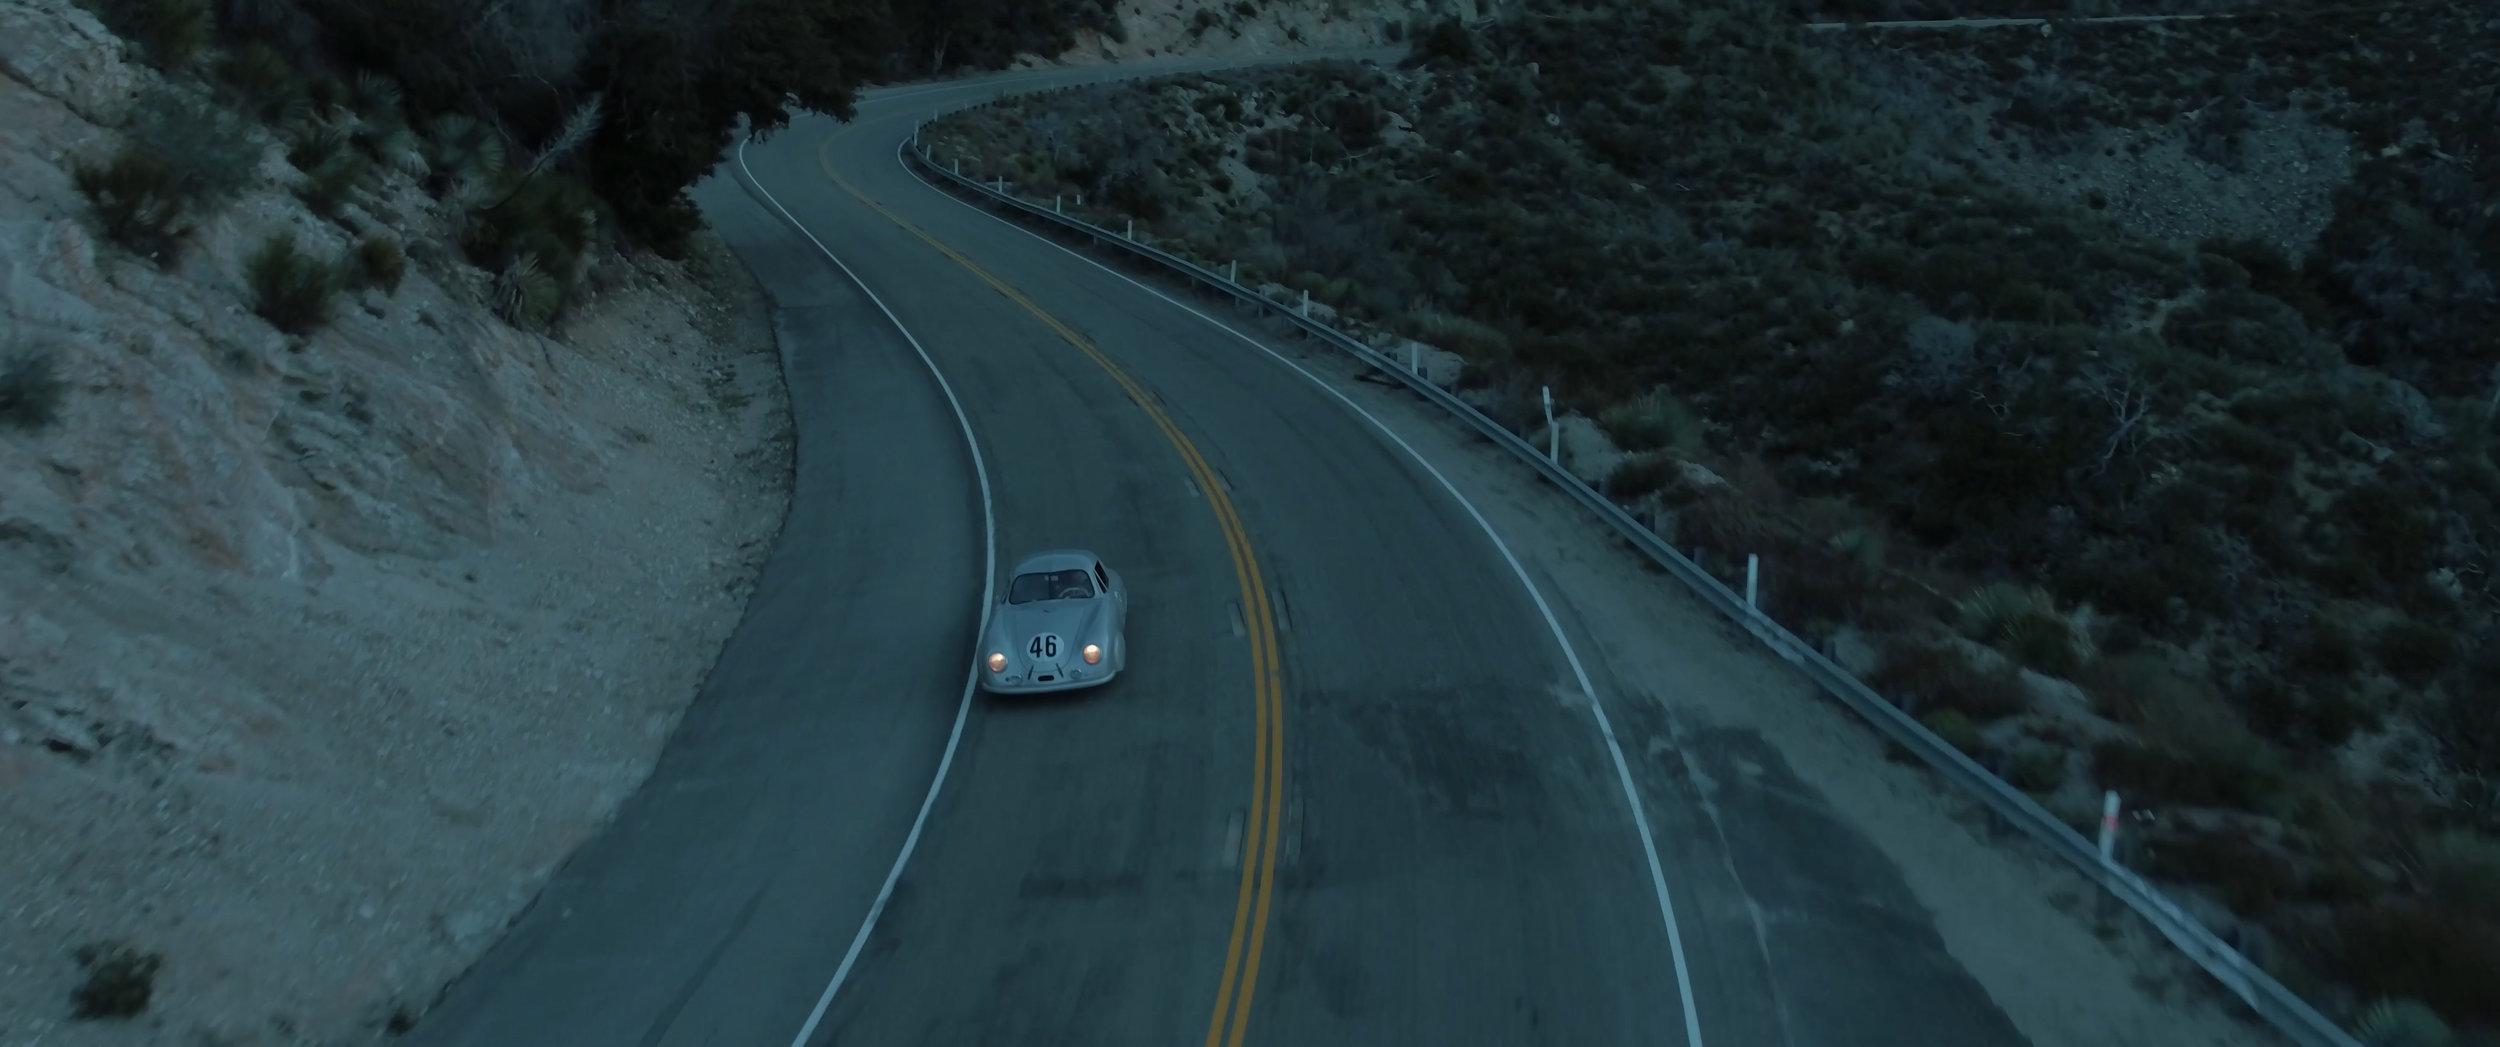 Christophorus Le Mans_v2 4K(cinemascope).mp4.00_03_13_09.Still023.jpg